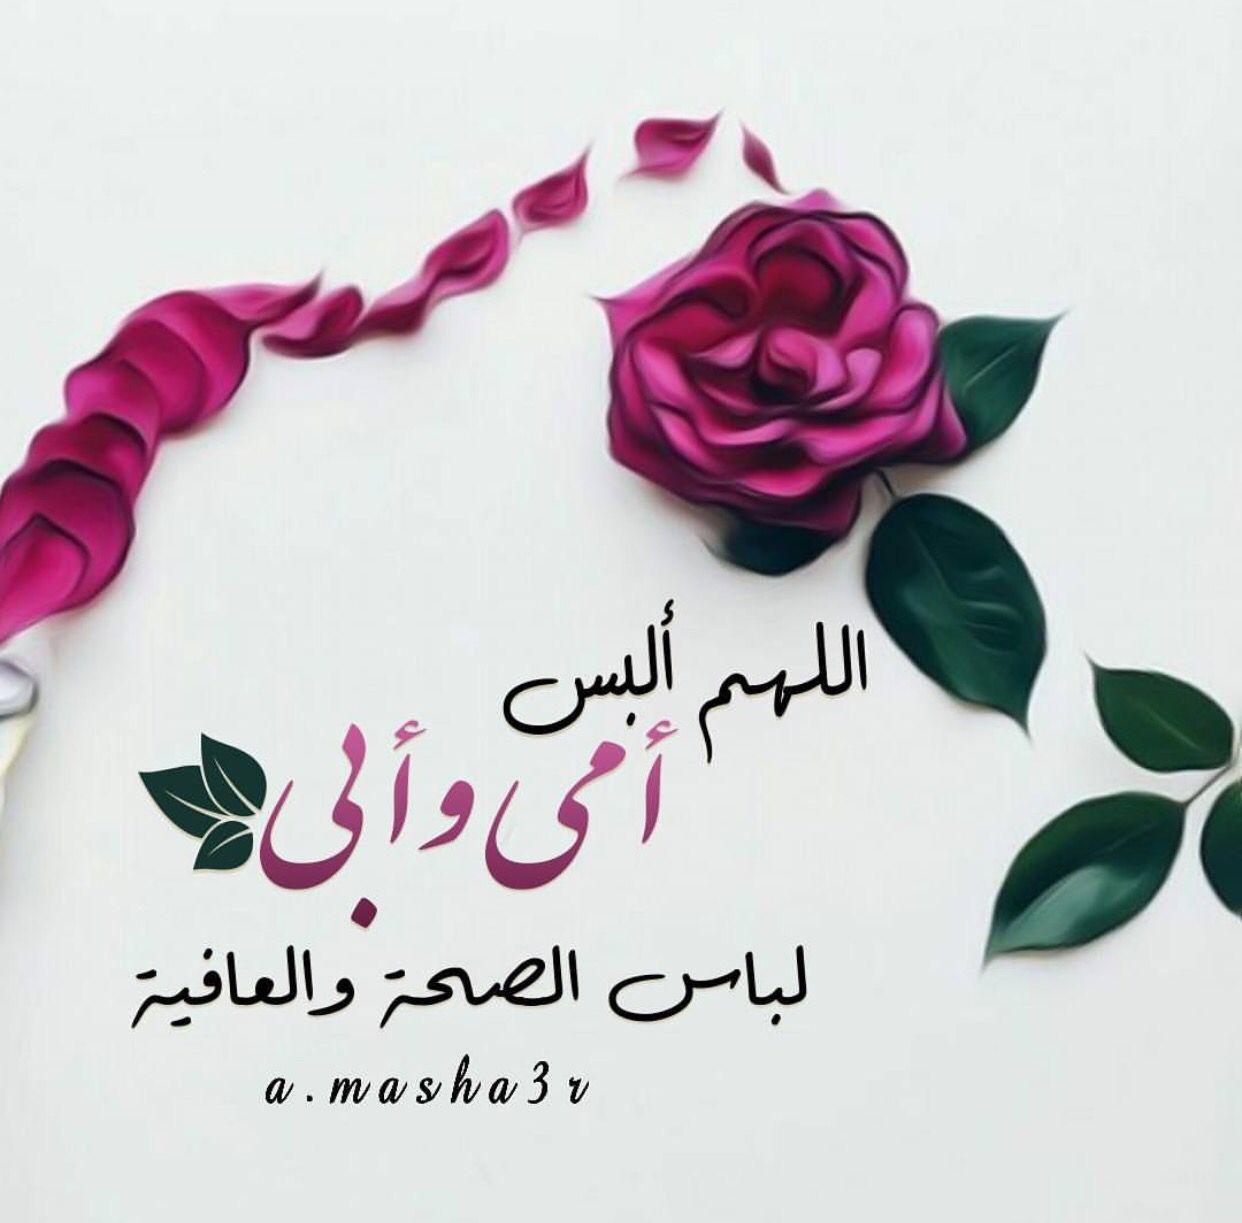 اللهم ألبس أمي وأبي لباس الصحة والعافية I Love My Dad I Love You Mom Love You Mom